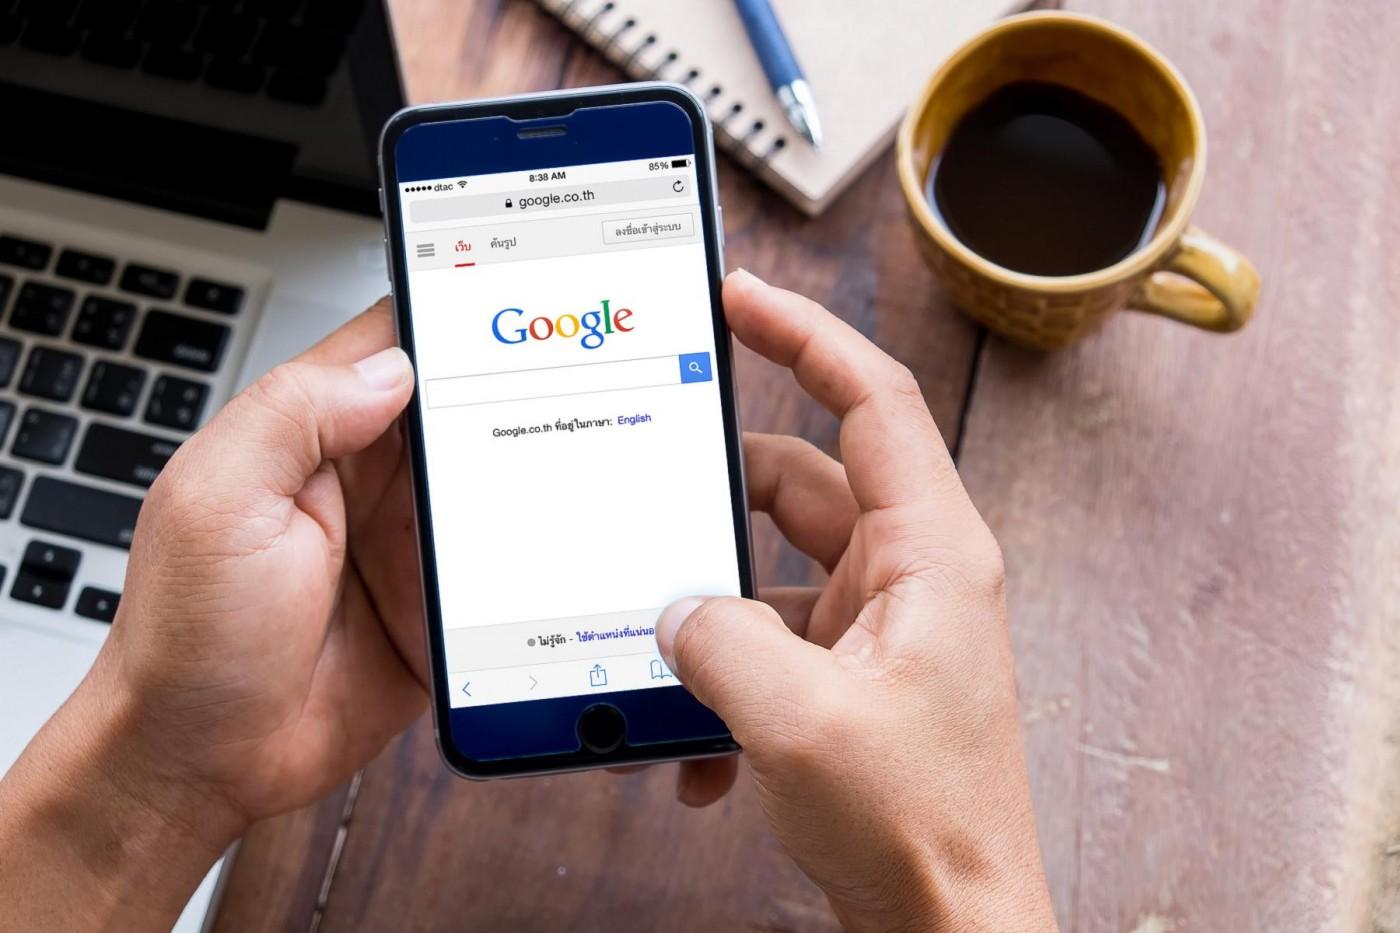 關閉Android手機定位後,為什麼Google還是知道你在哪?